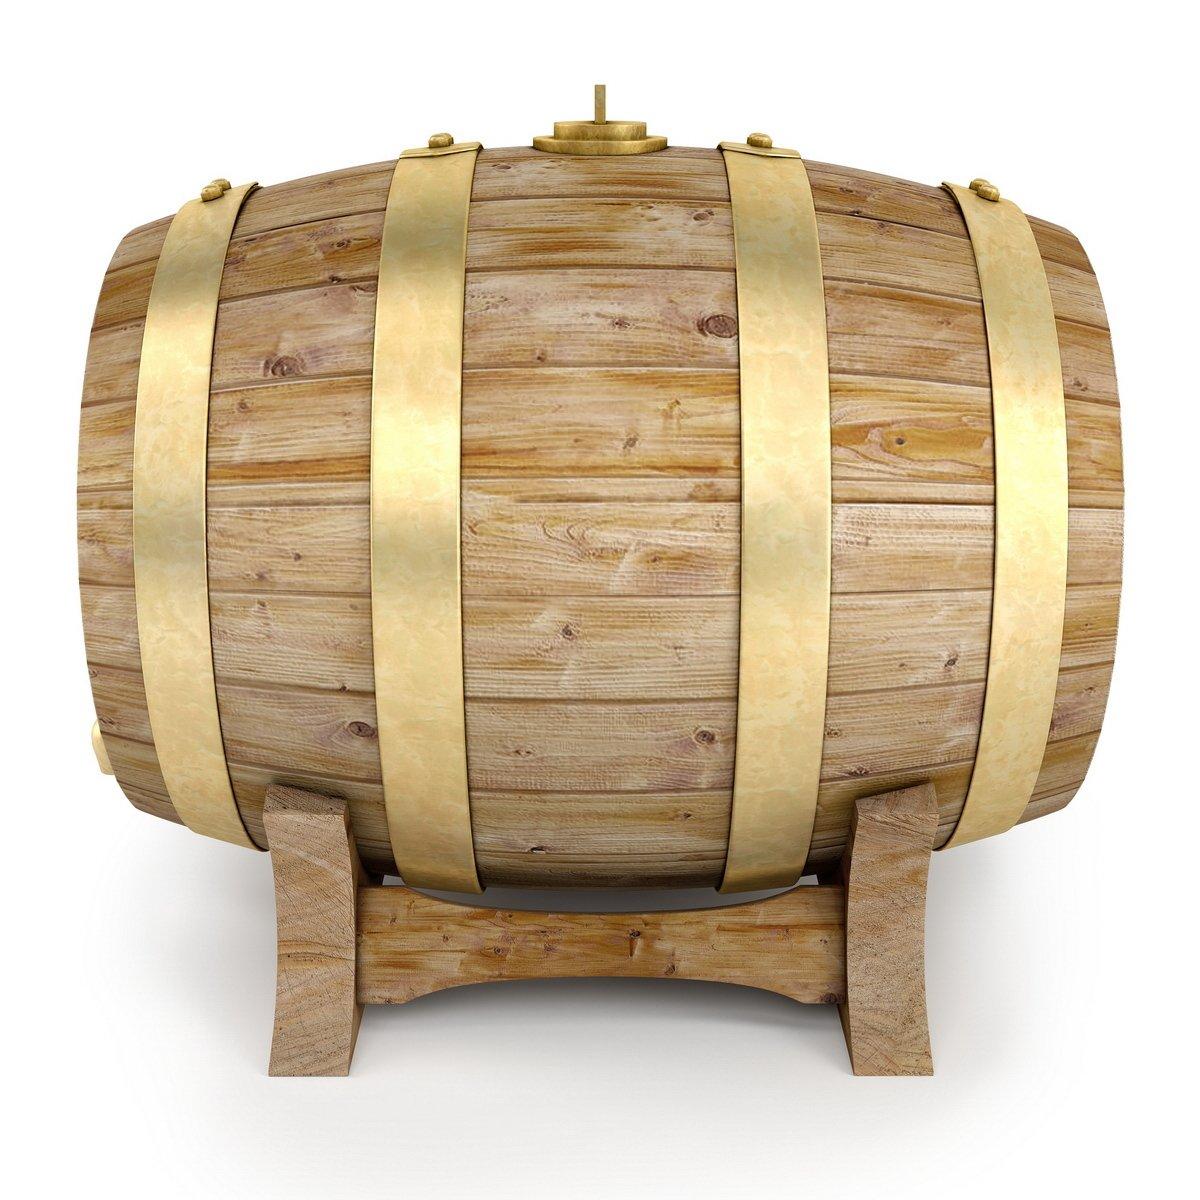 Bom rượu bằng gỗ